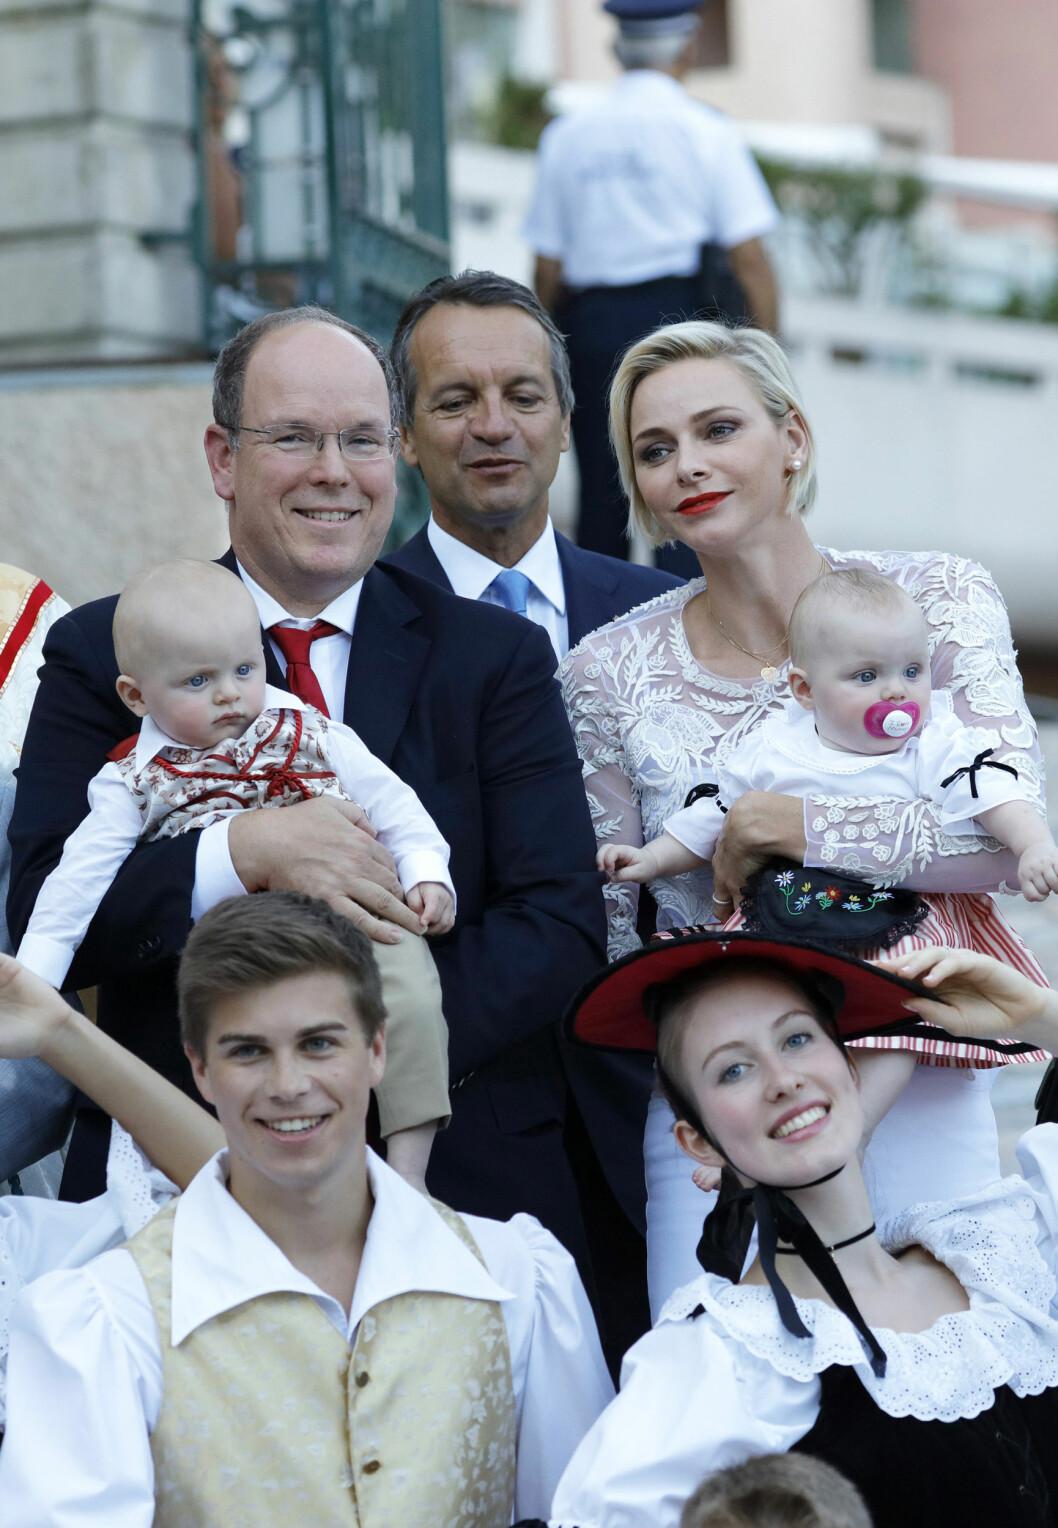 <strong>FYRSTEBARNA:</strong> Fyrst Albert og prinsesse Charlene er foreldre til tvillingene prins Jacques og prinsesse Gabriella. De ble født i 2014. Foto: NTB Scanpix